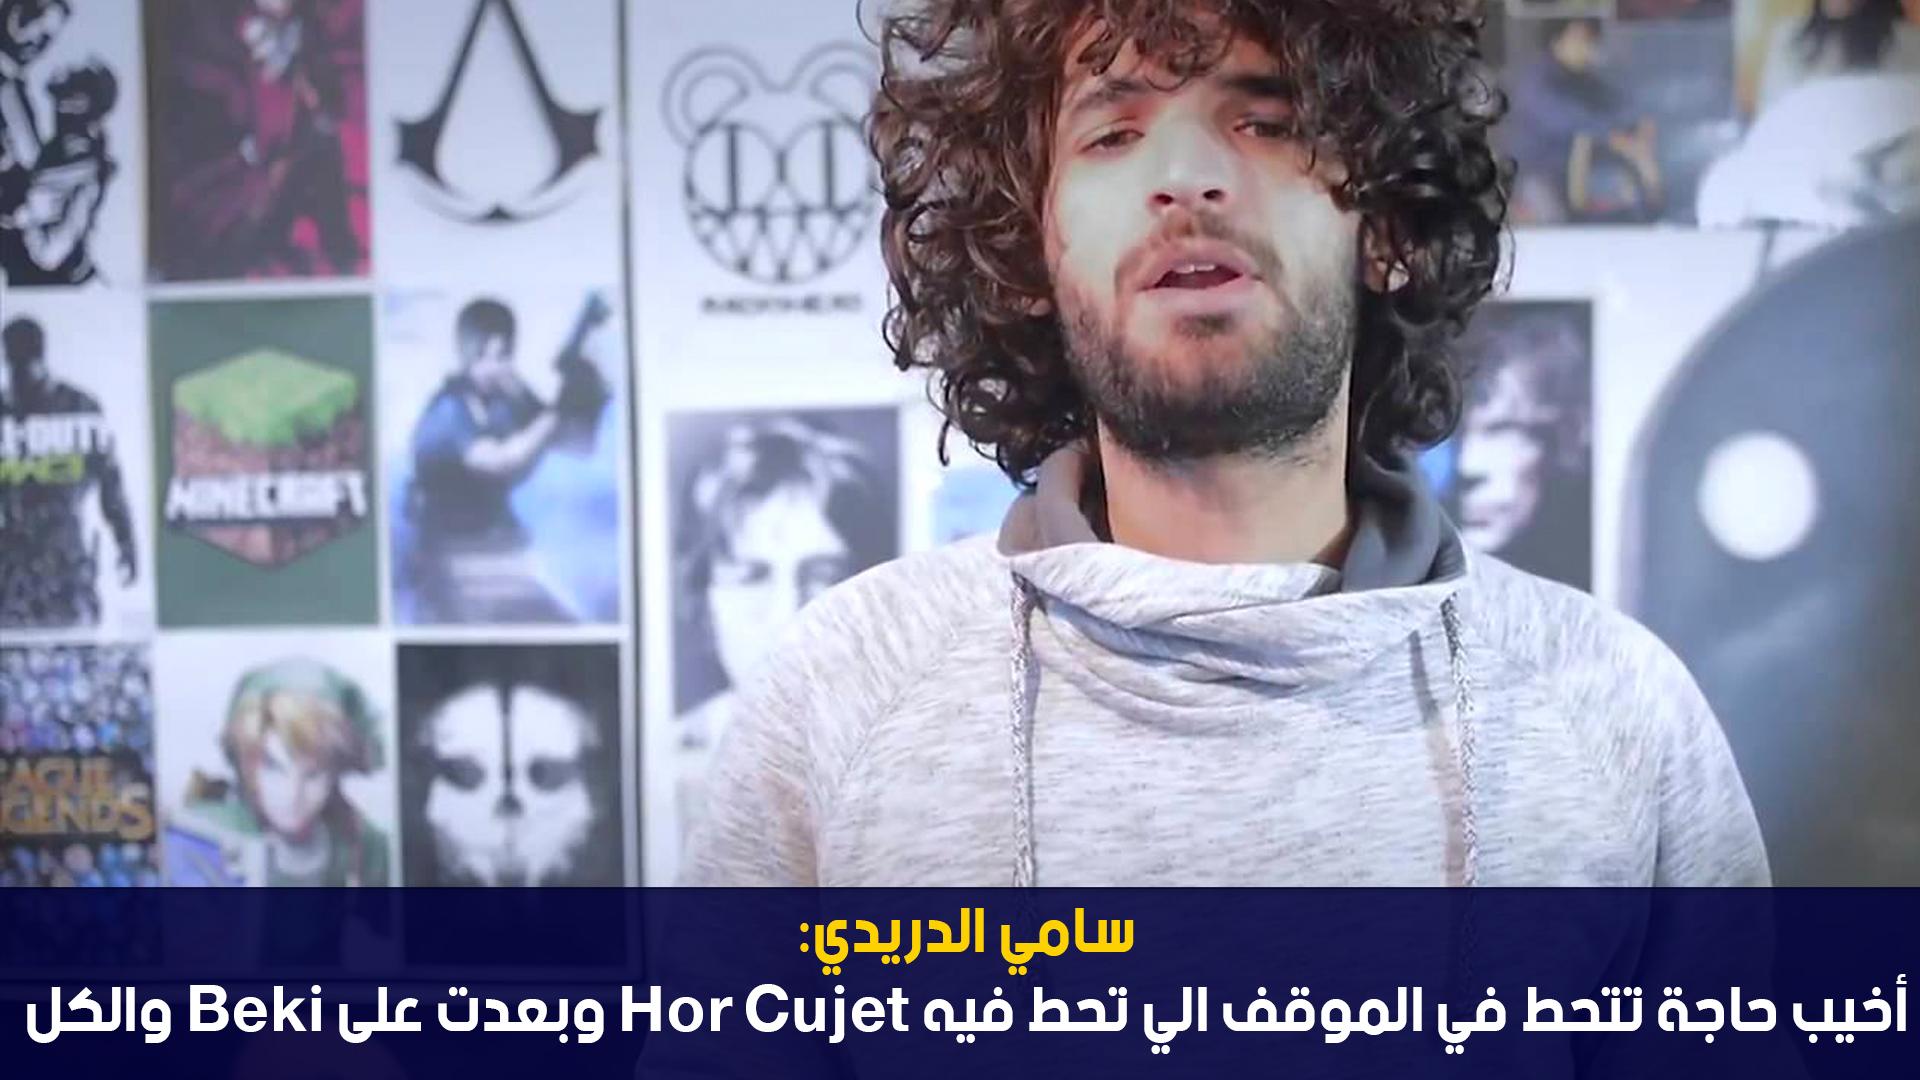 سامي الدريدي: أخيب حاجة تتحط في الموقف الي تحط فيه hor cujet وبعدت على Beki والكل